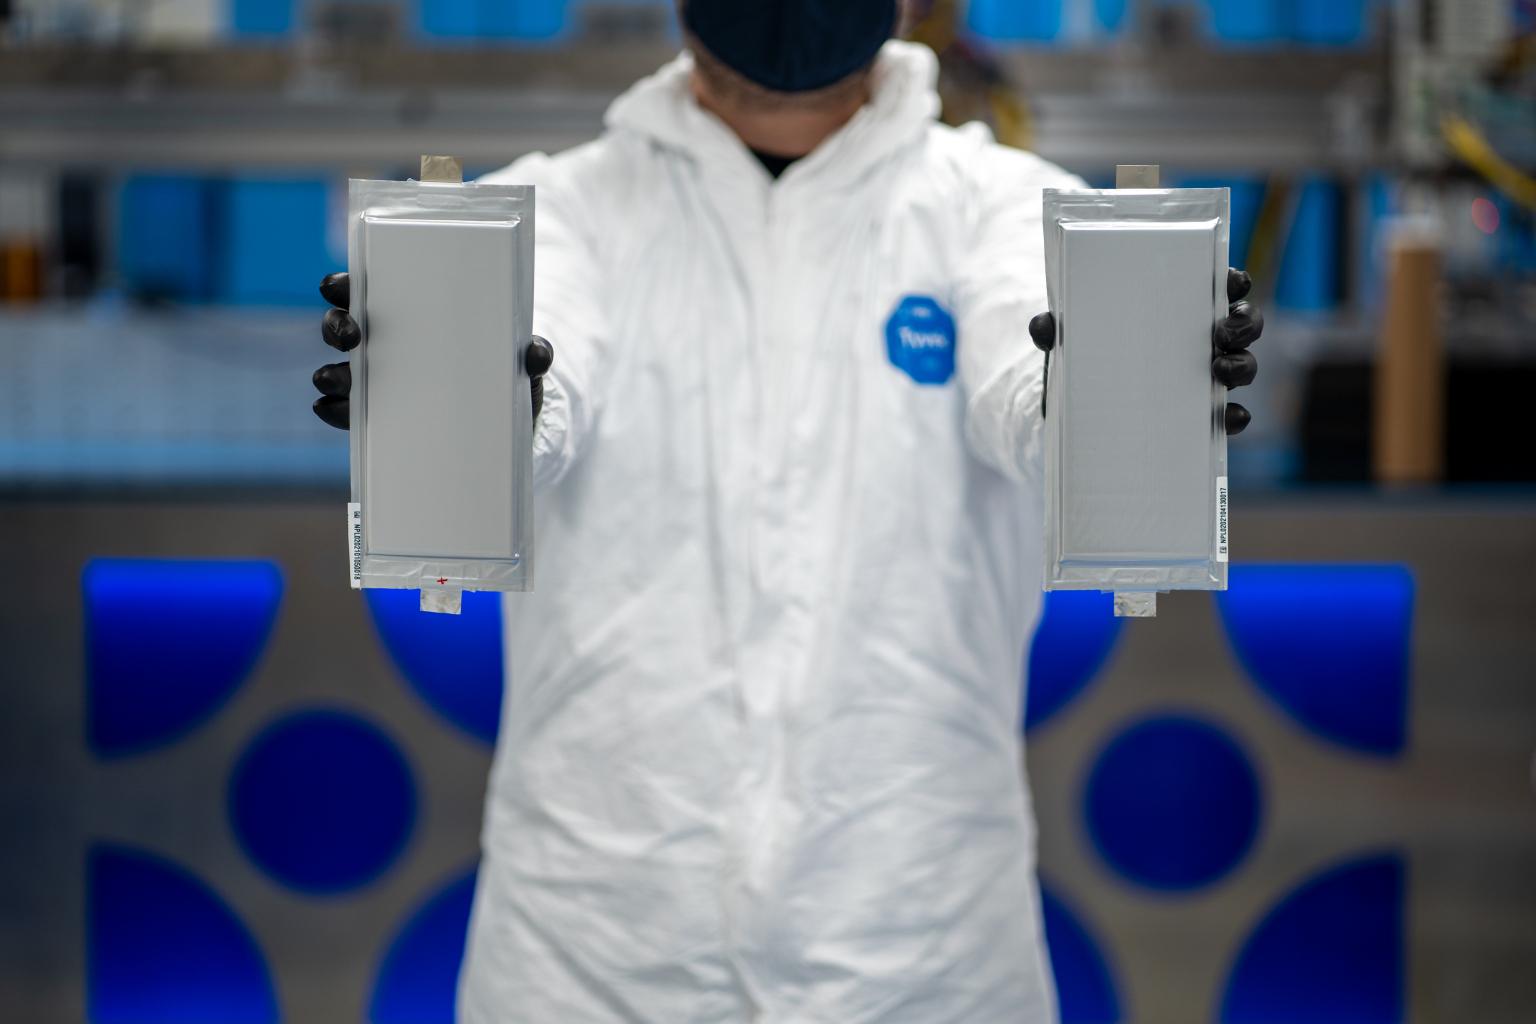 Một kỹ sư sản xuất Solid Power cầm hai hợp phần pin trạng thái rắn 20 Ah, đang sản xuất cho BMW và Ford Motor Company. Ảnh: Solid Power.